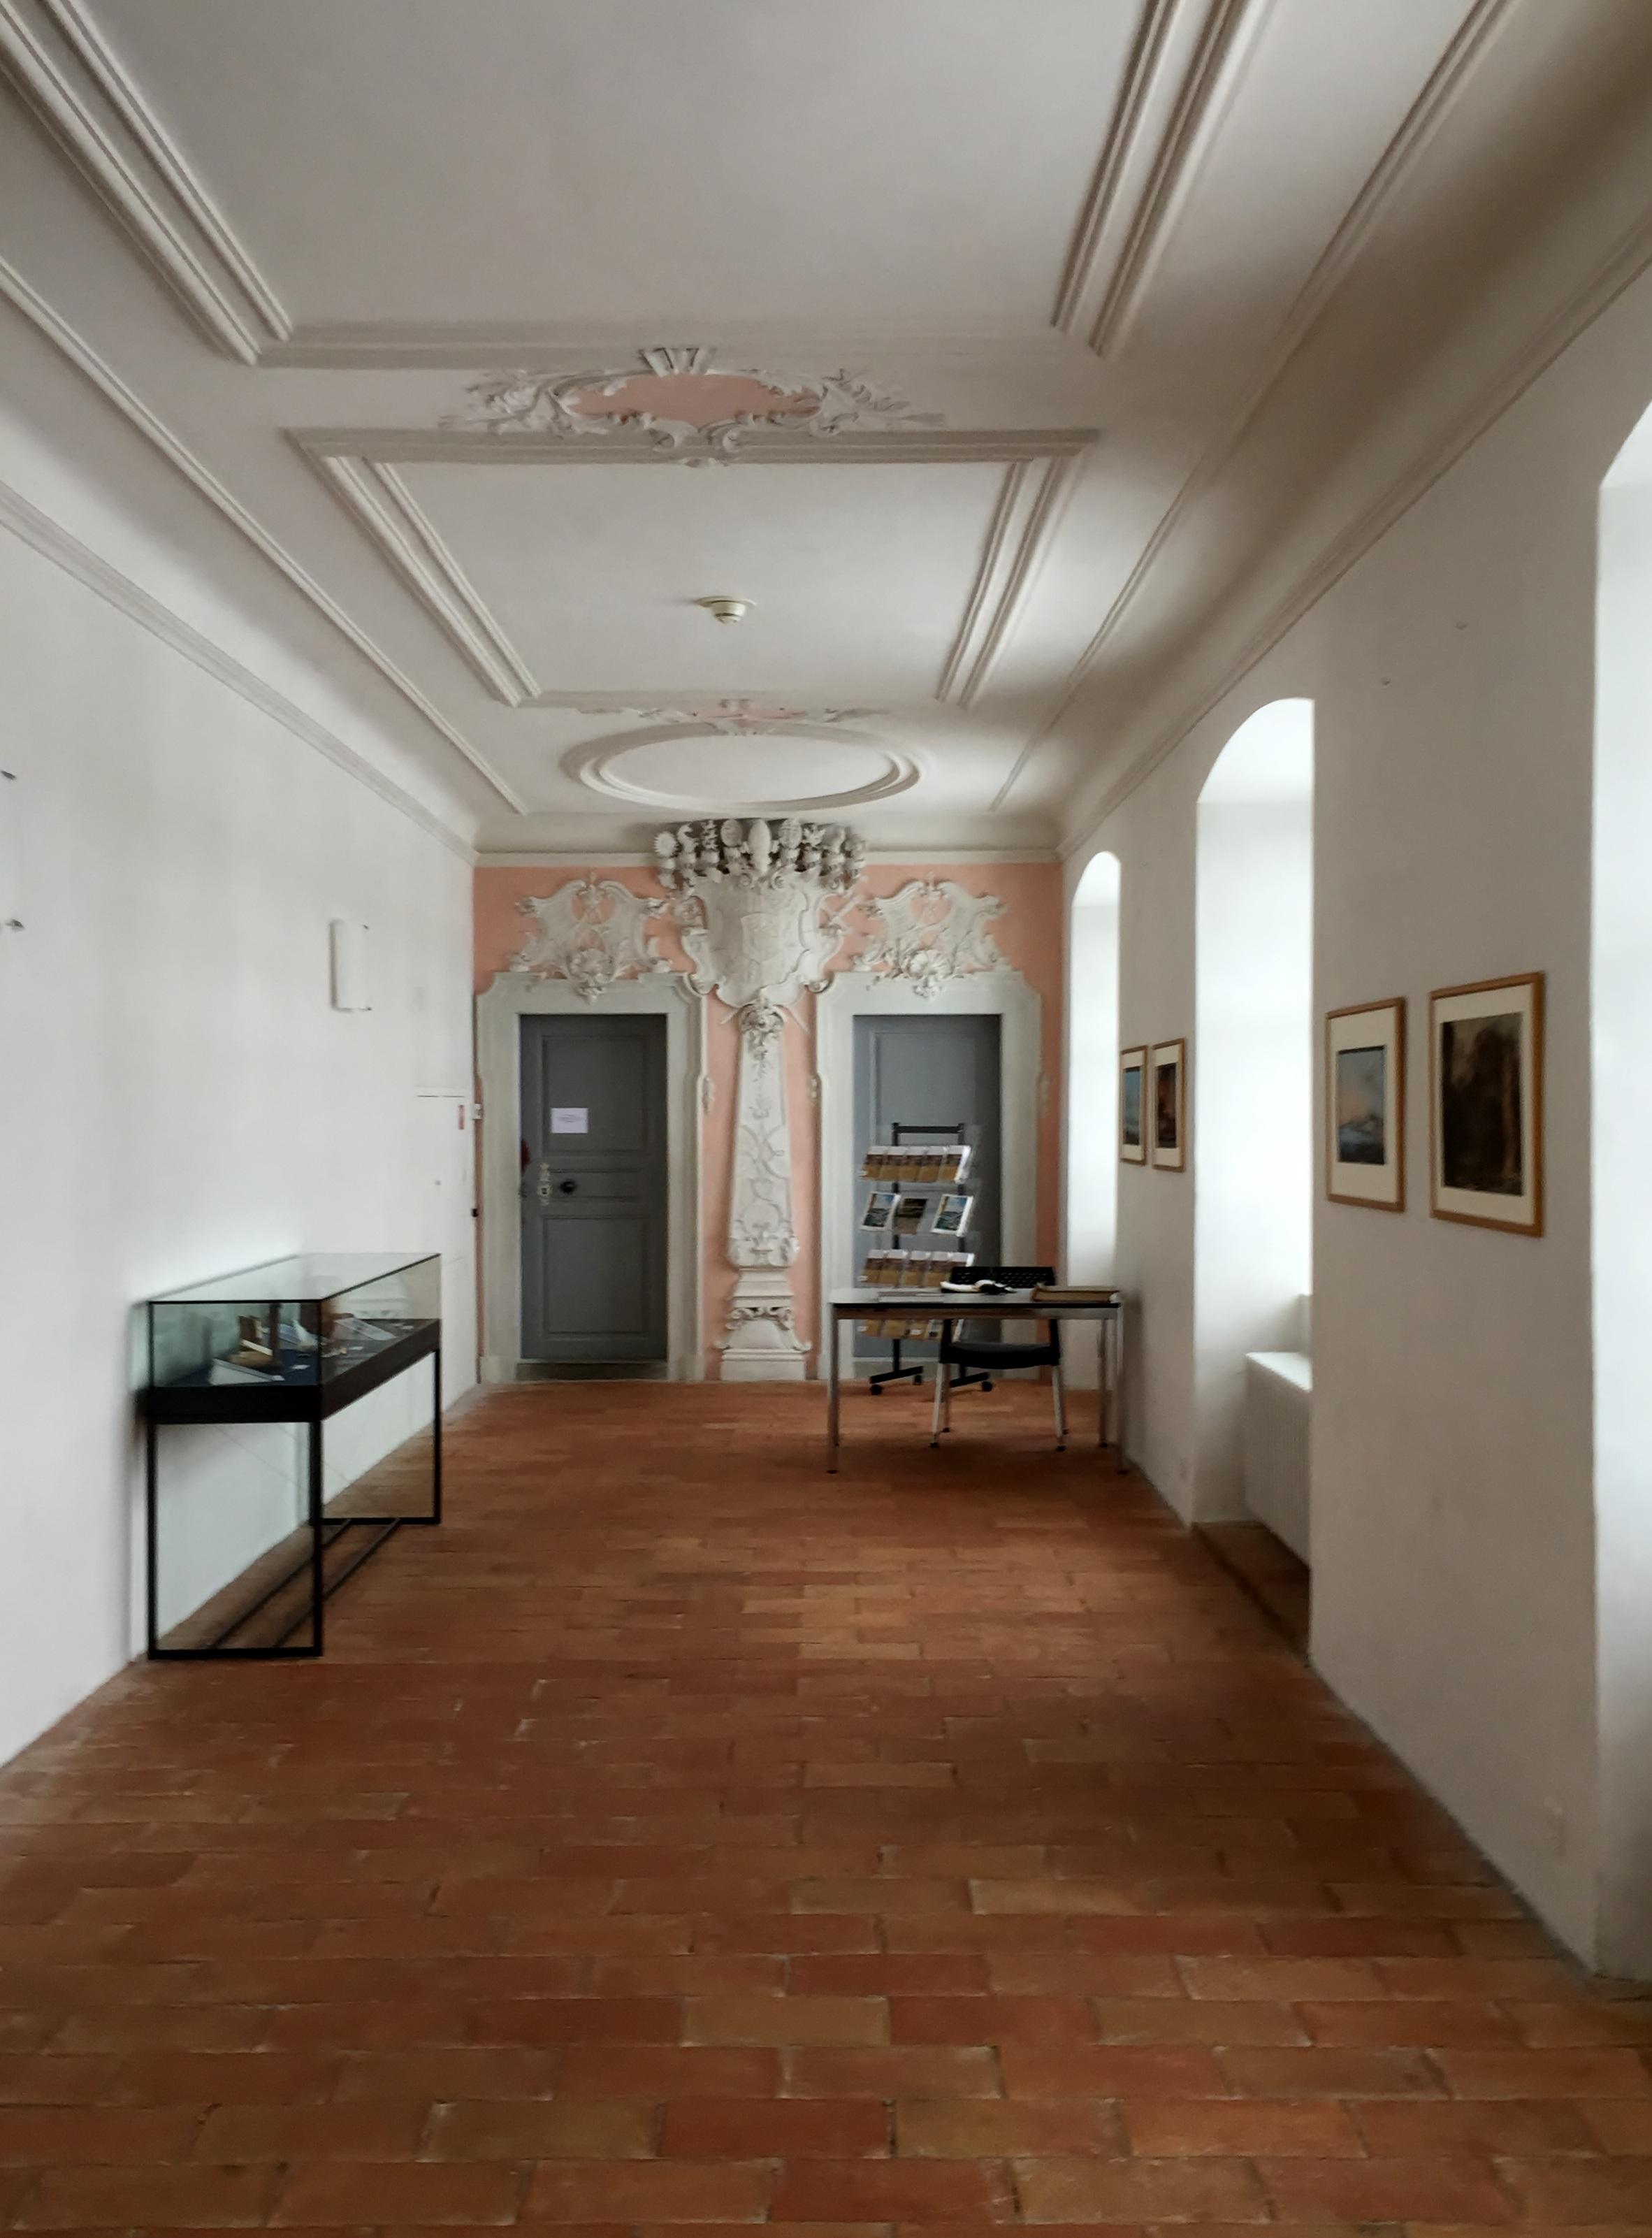 diseo de interiores monasterio suiza abada atraccin turstica inmuebles vestbulo bienes races pasillo interior suelos de madera